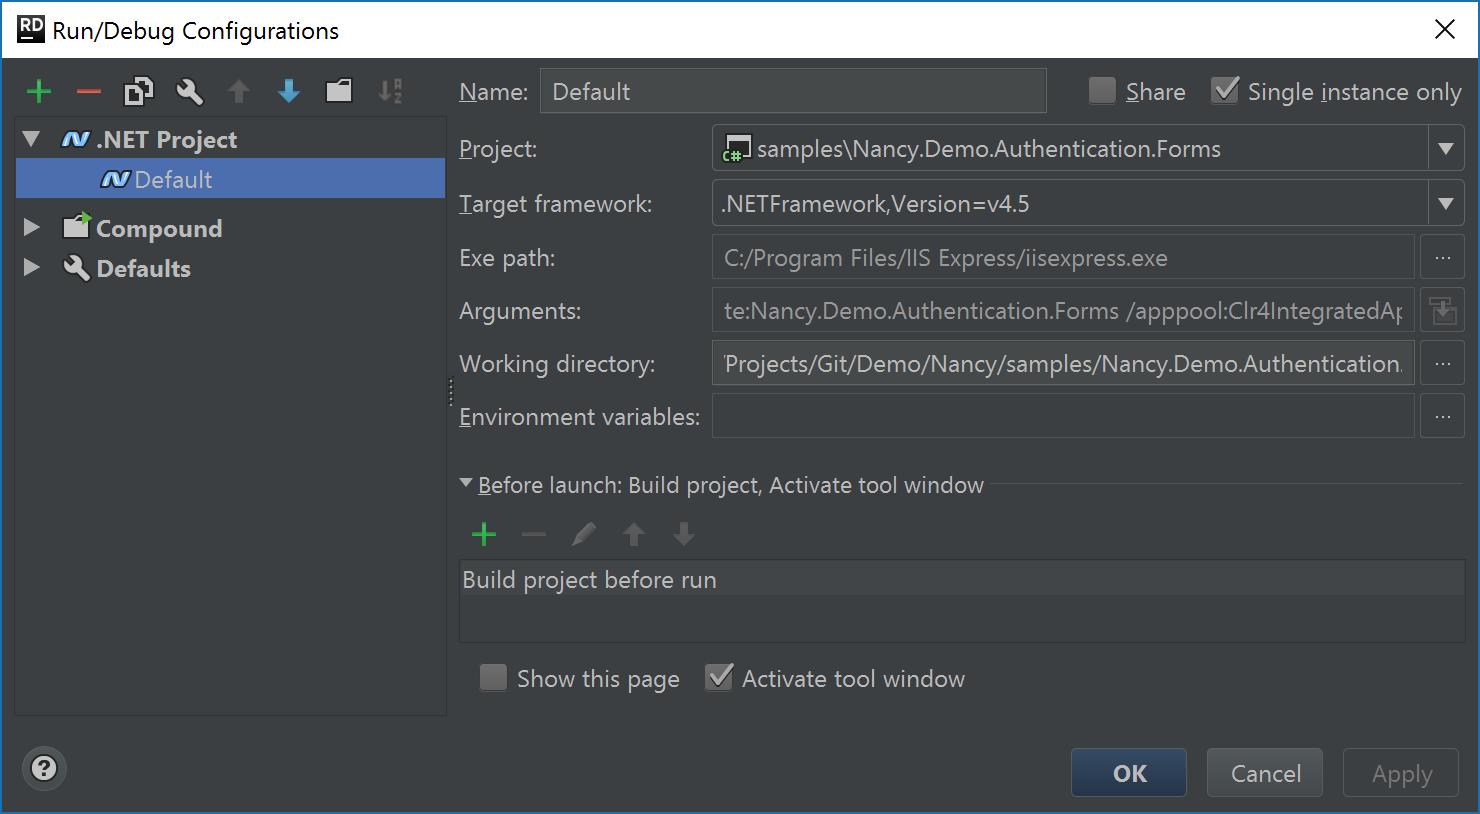 Default run/debug configuration in Rider